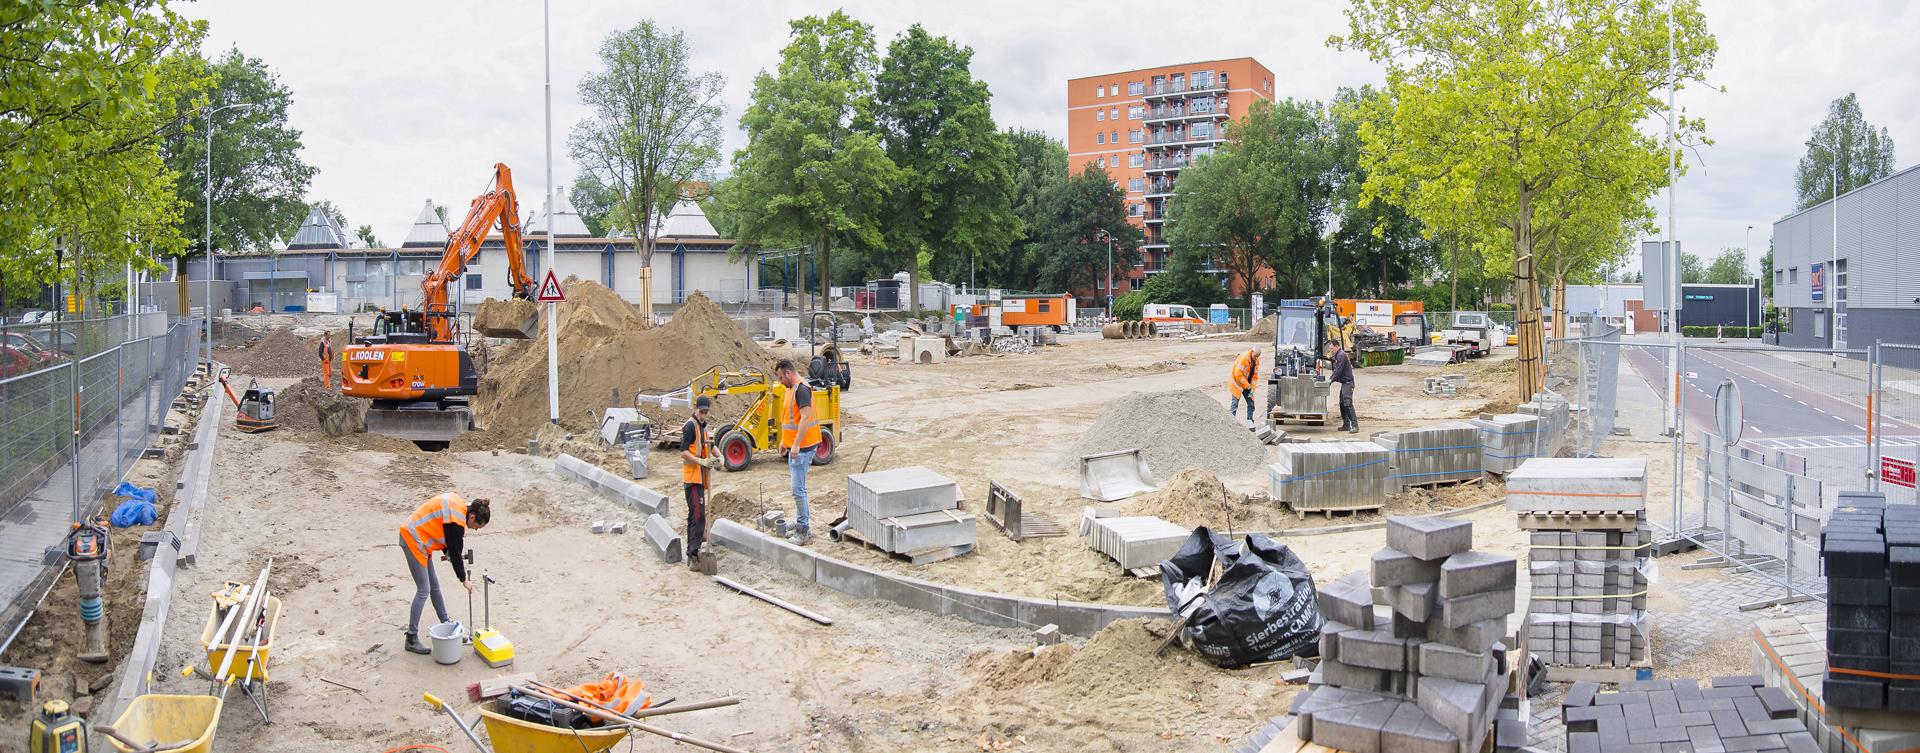 2019_Verbouwing_Karregat-2-0726